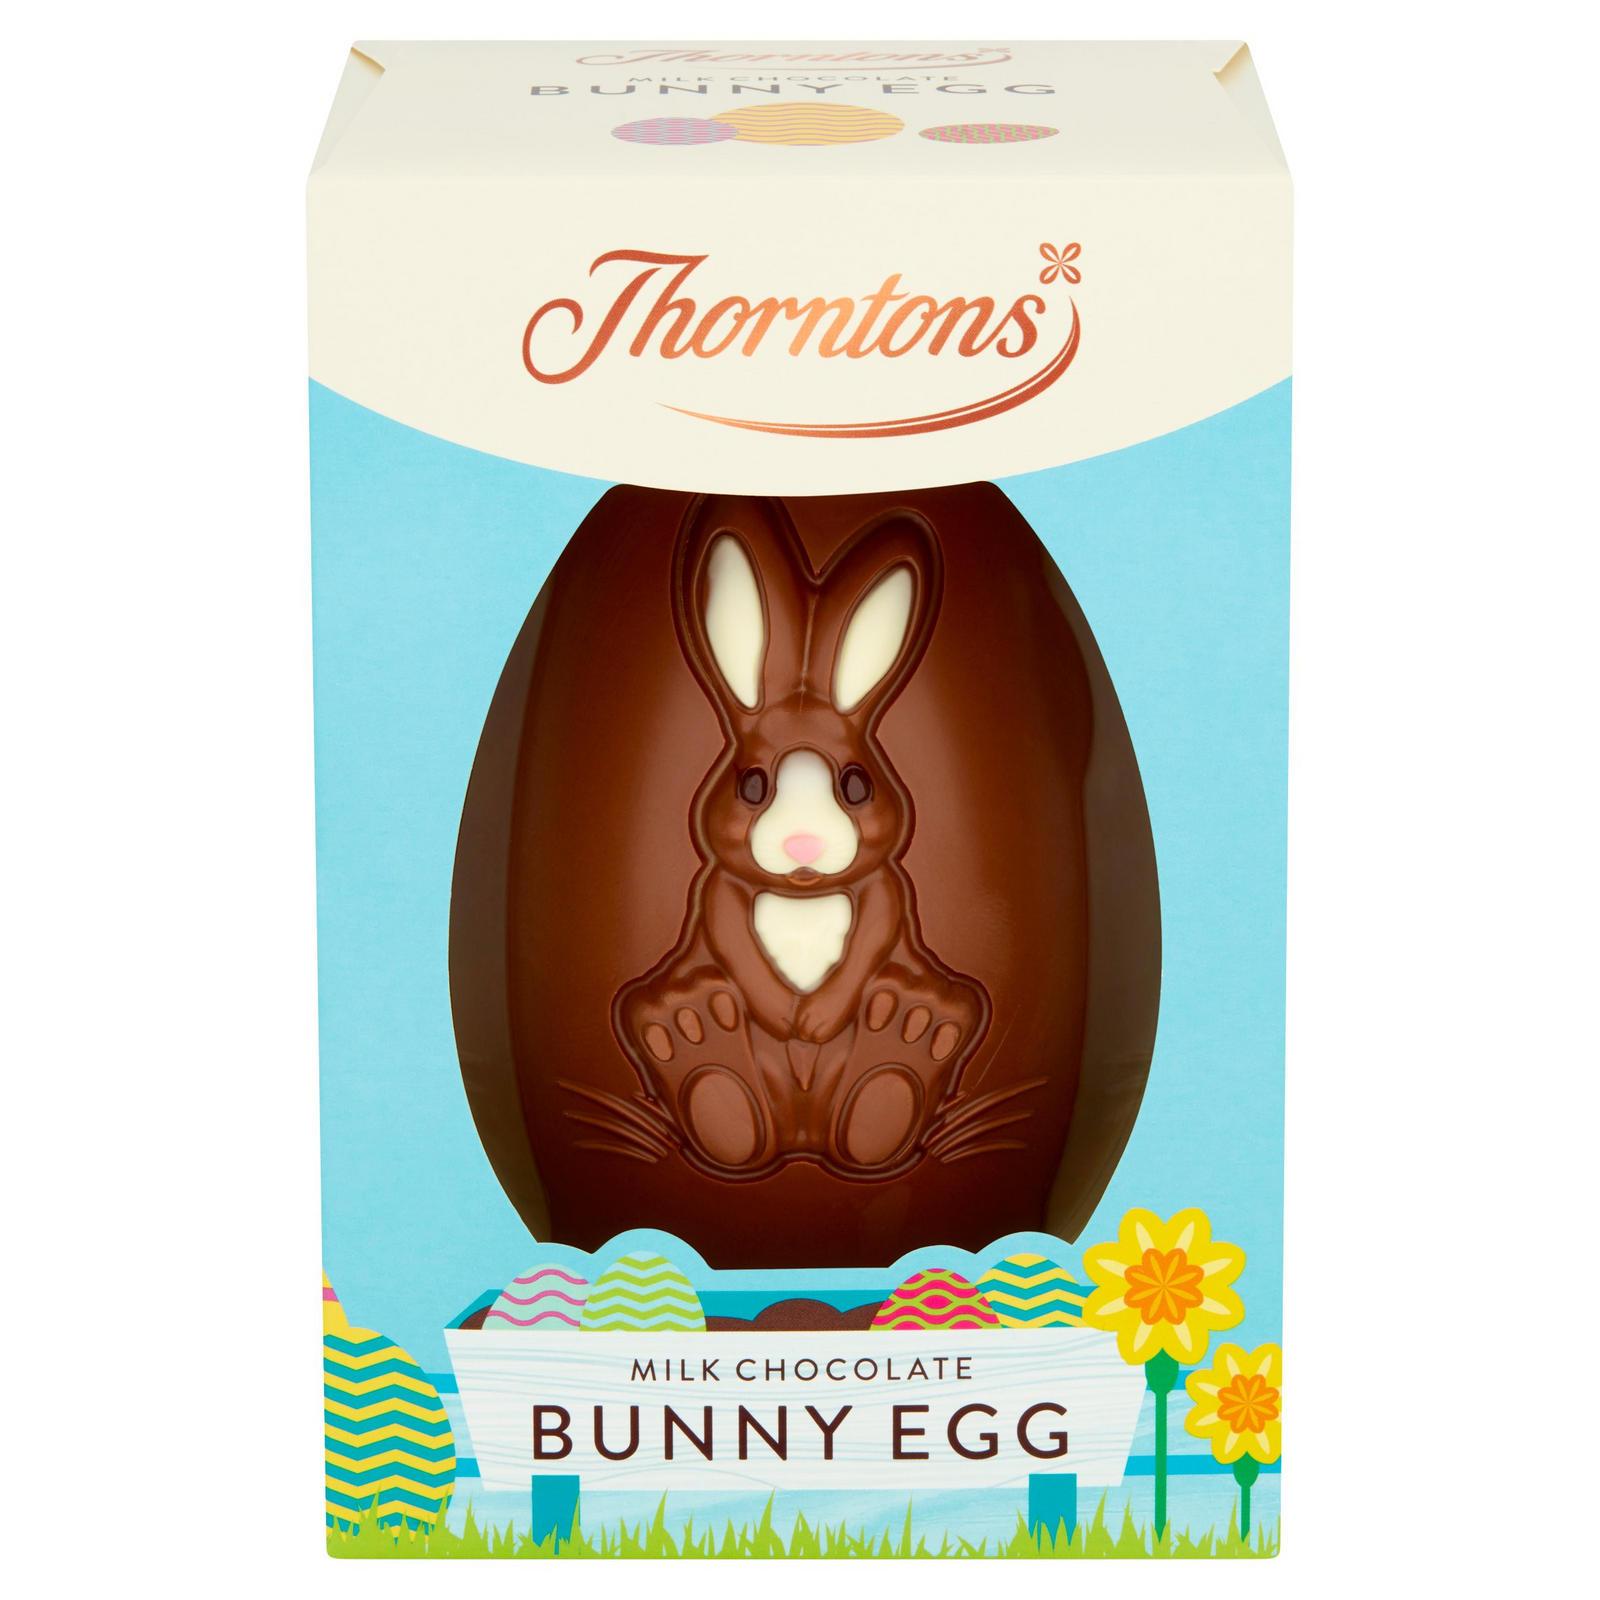 Thorntons Bunny Eggs 151g £1.49 @ Home Bargains (Warrington)